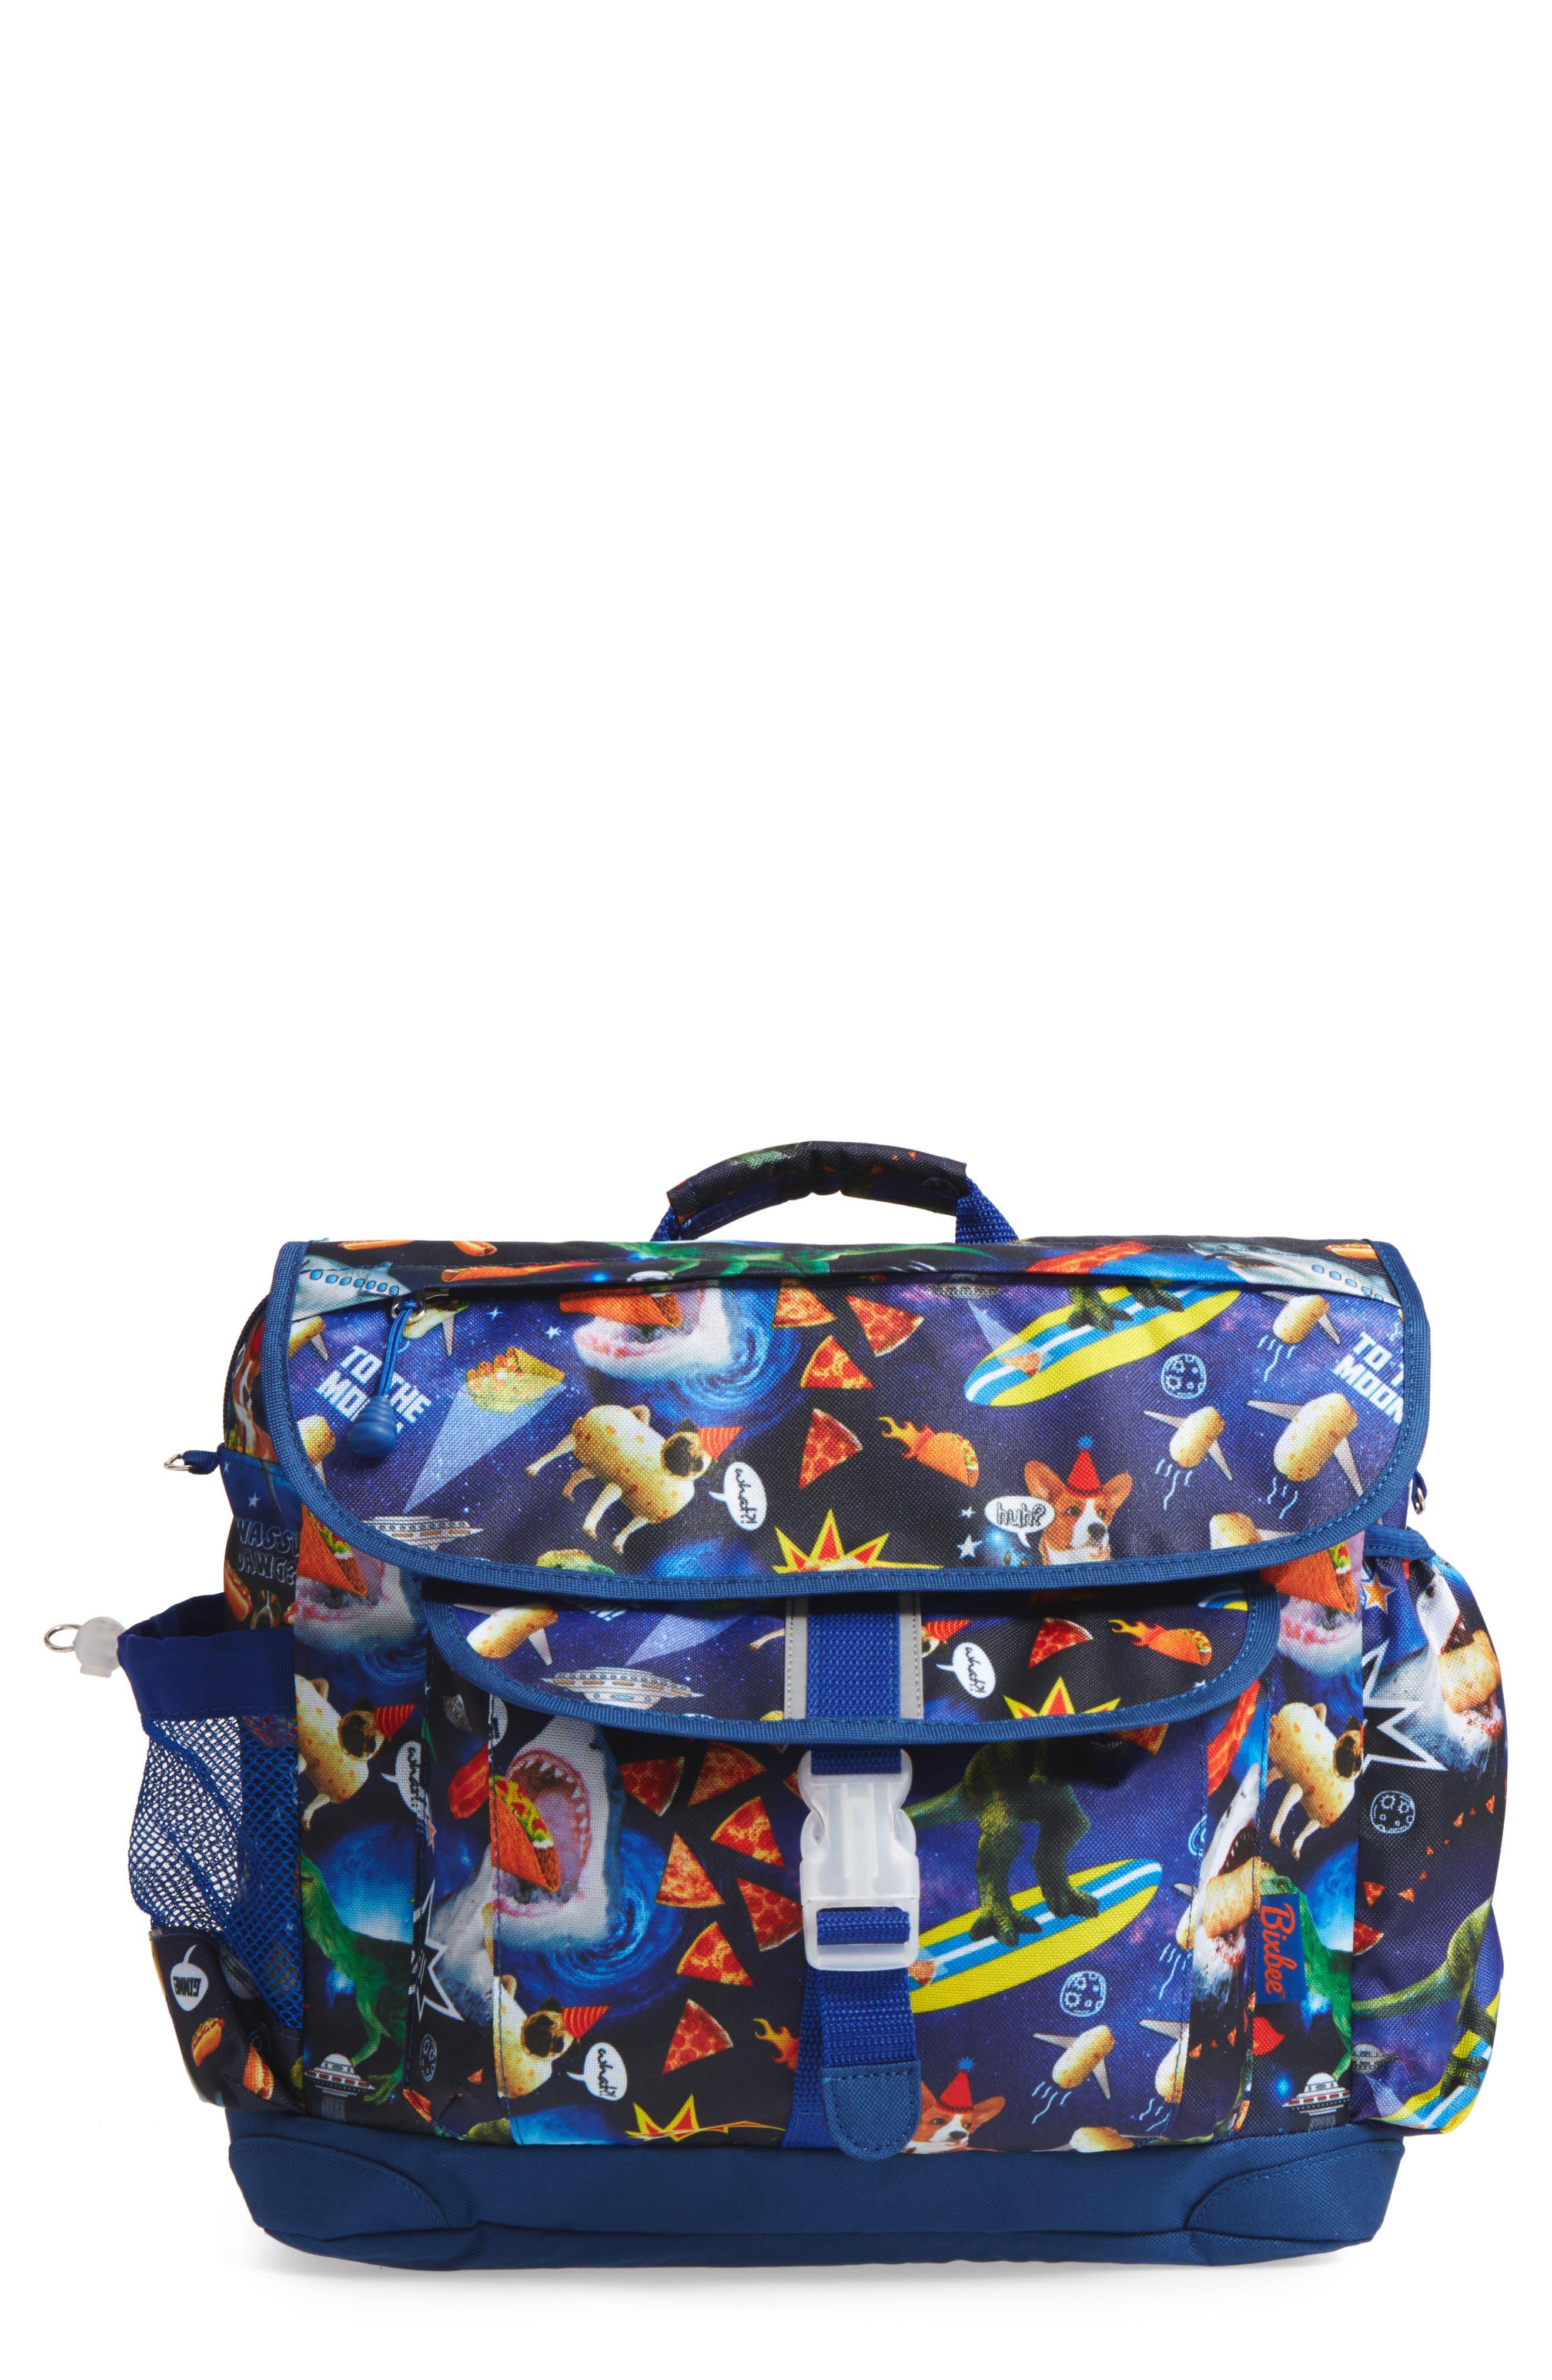 Alternate Image 1 Selected - Bixbee Meme Space Odyssey Backpack (Kids)